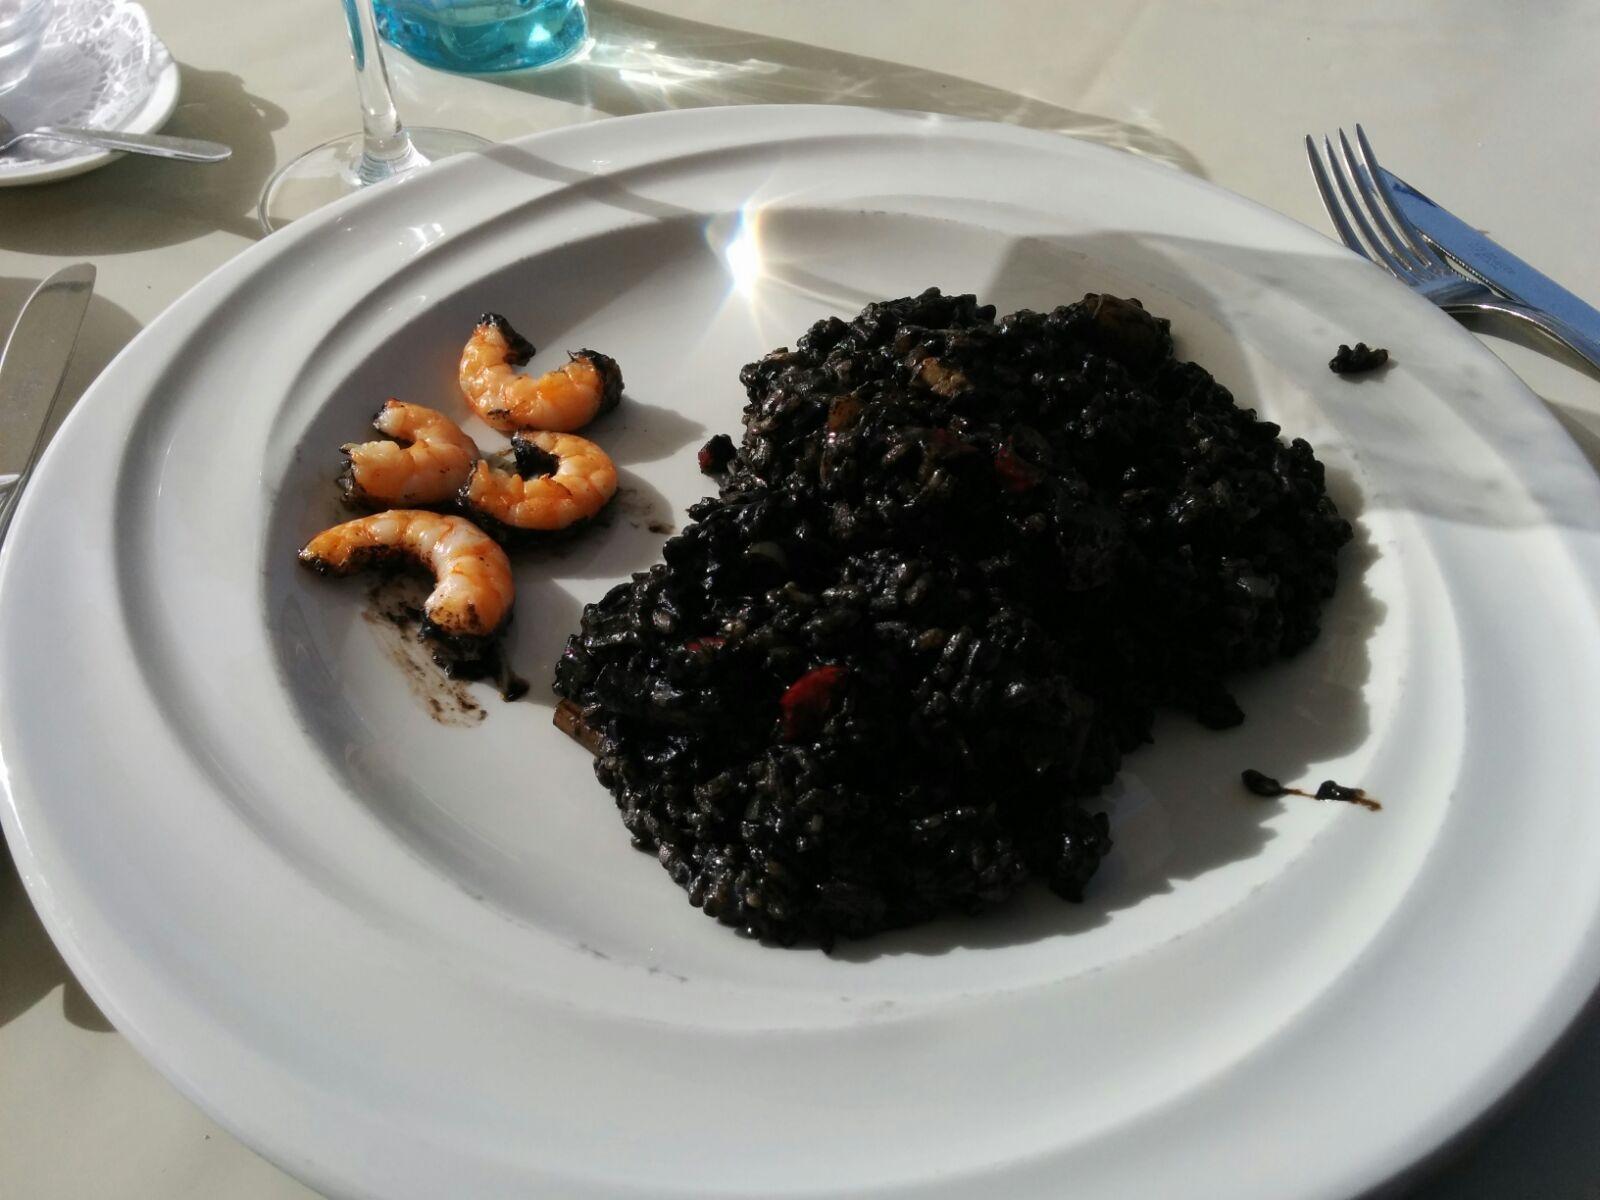 Arroz negro con langostinos y calamares